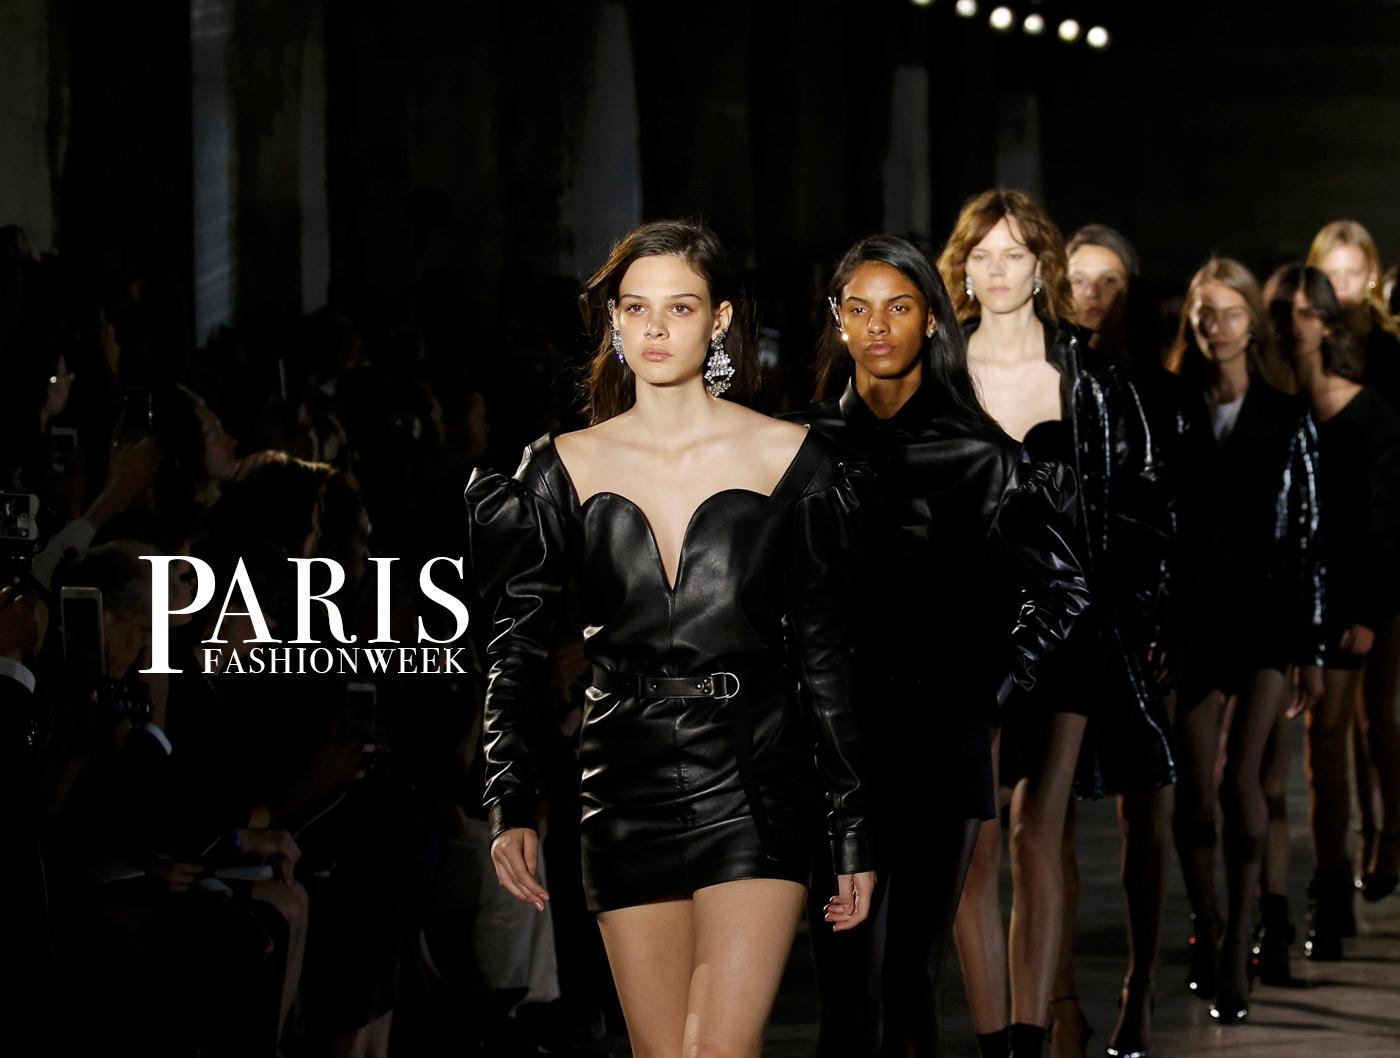 paris fashion week alta moda haute couture glamour saint laurent